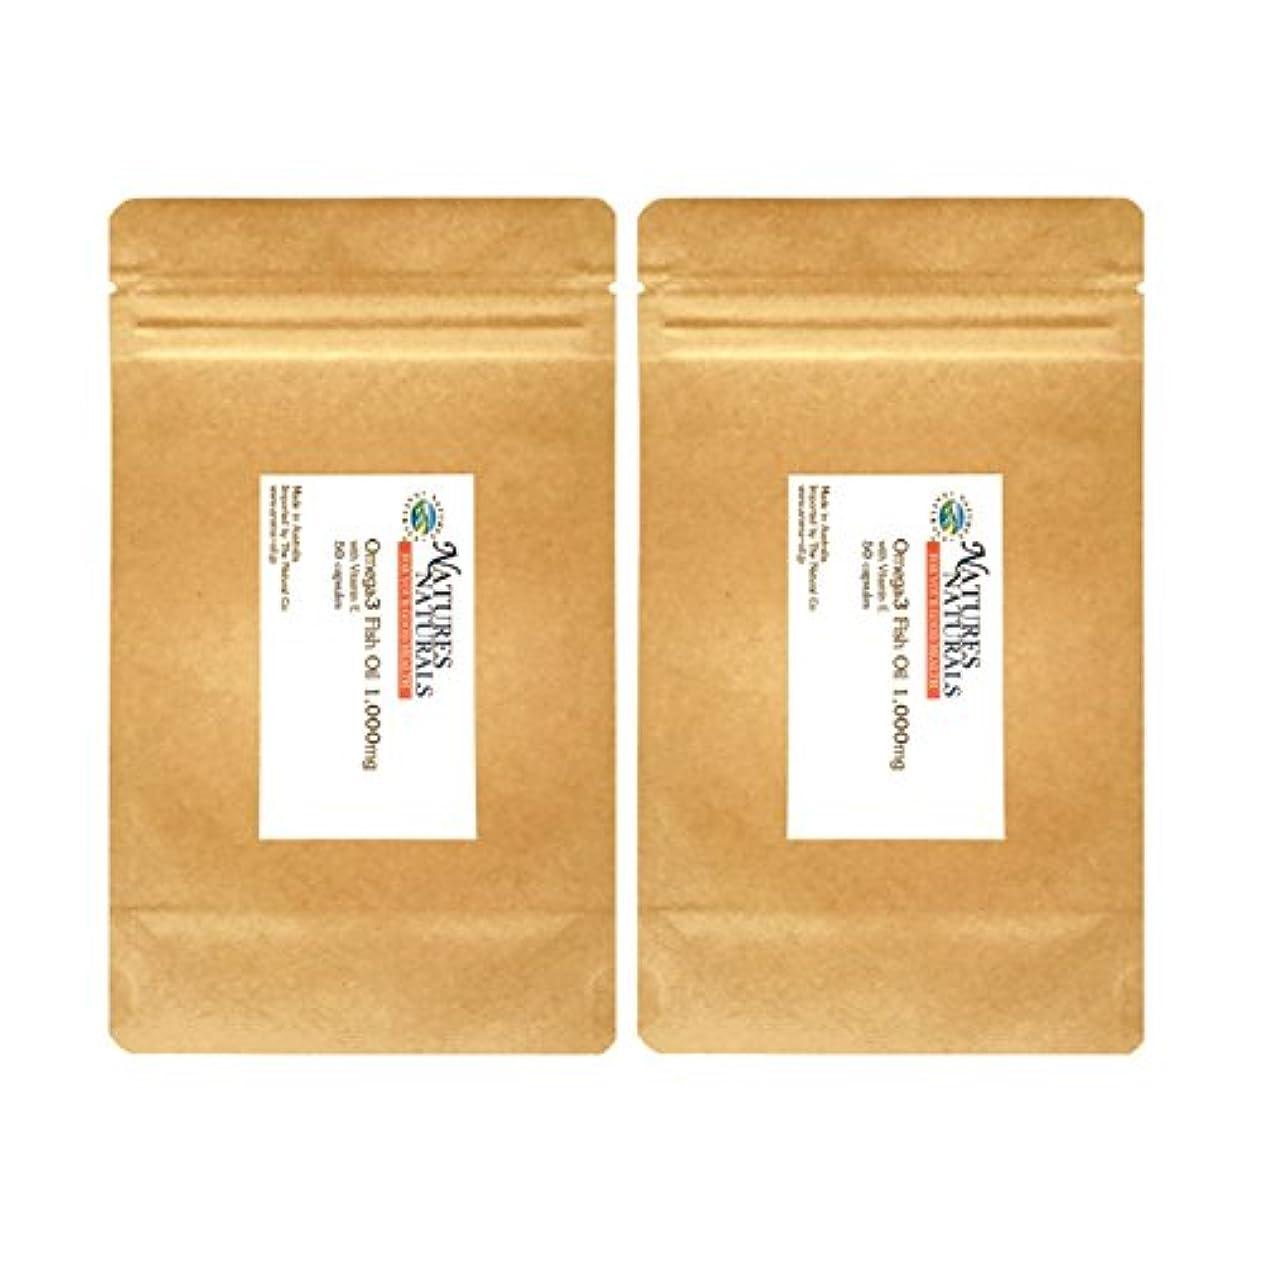 ドリル文献マダムオメガ3 フィッシュオイル (ビタミンE配合/DHA EPA) 1,000mg オーストラリア産サプリメント (50錠×2袋/約100日分)